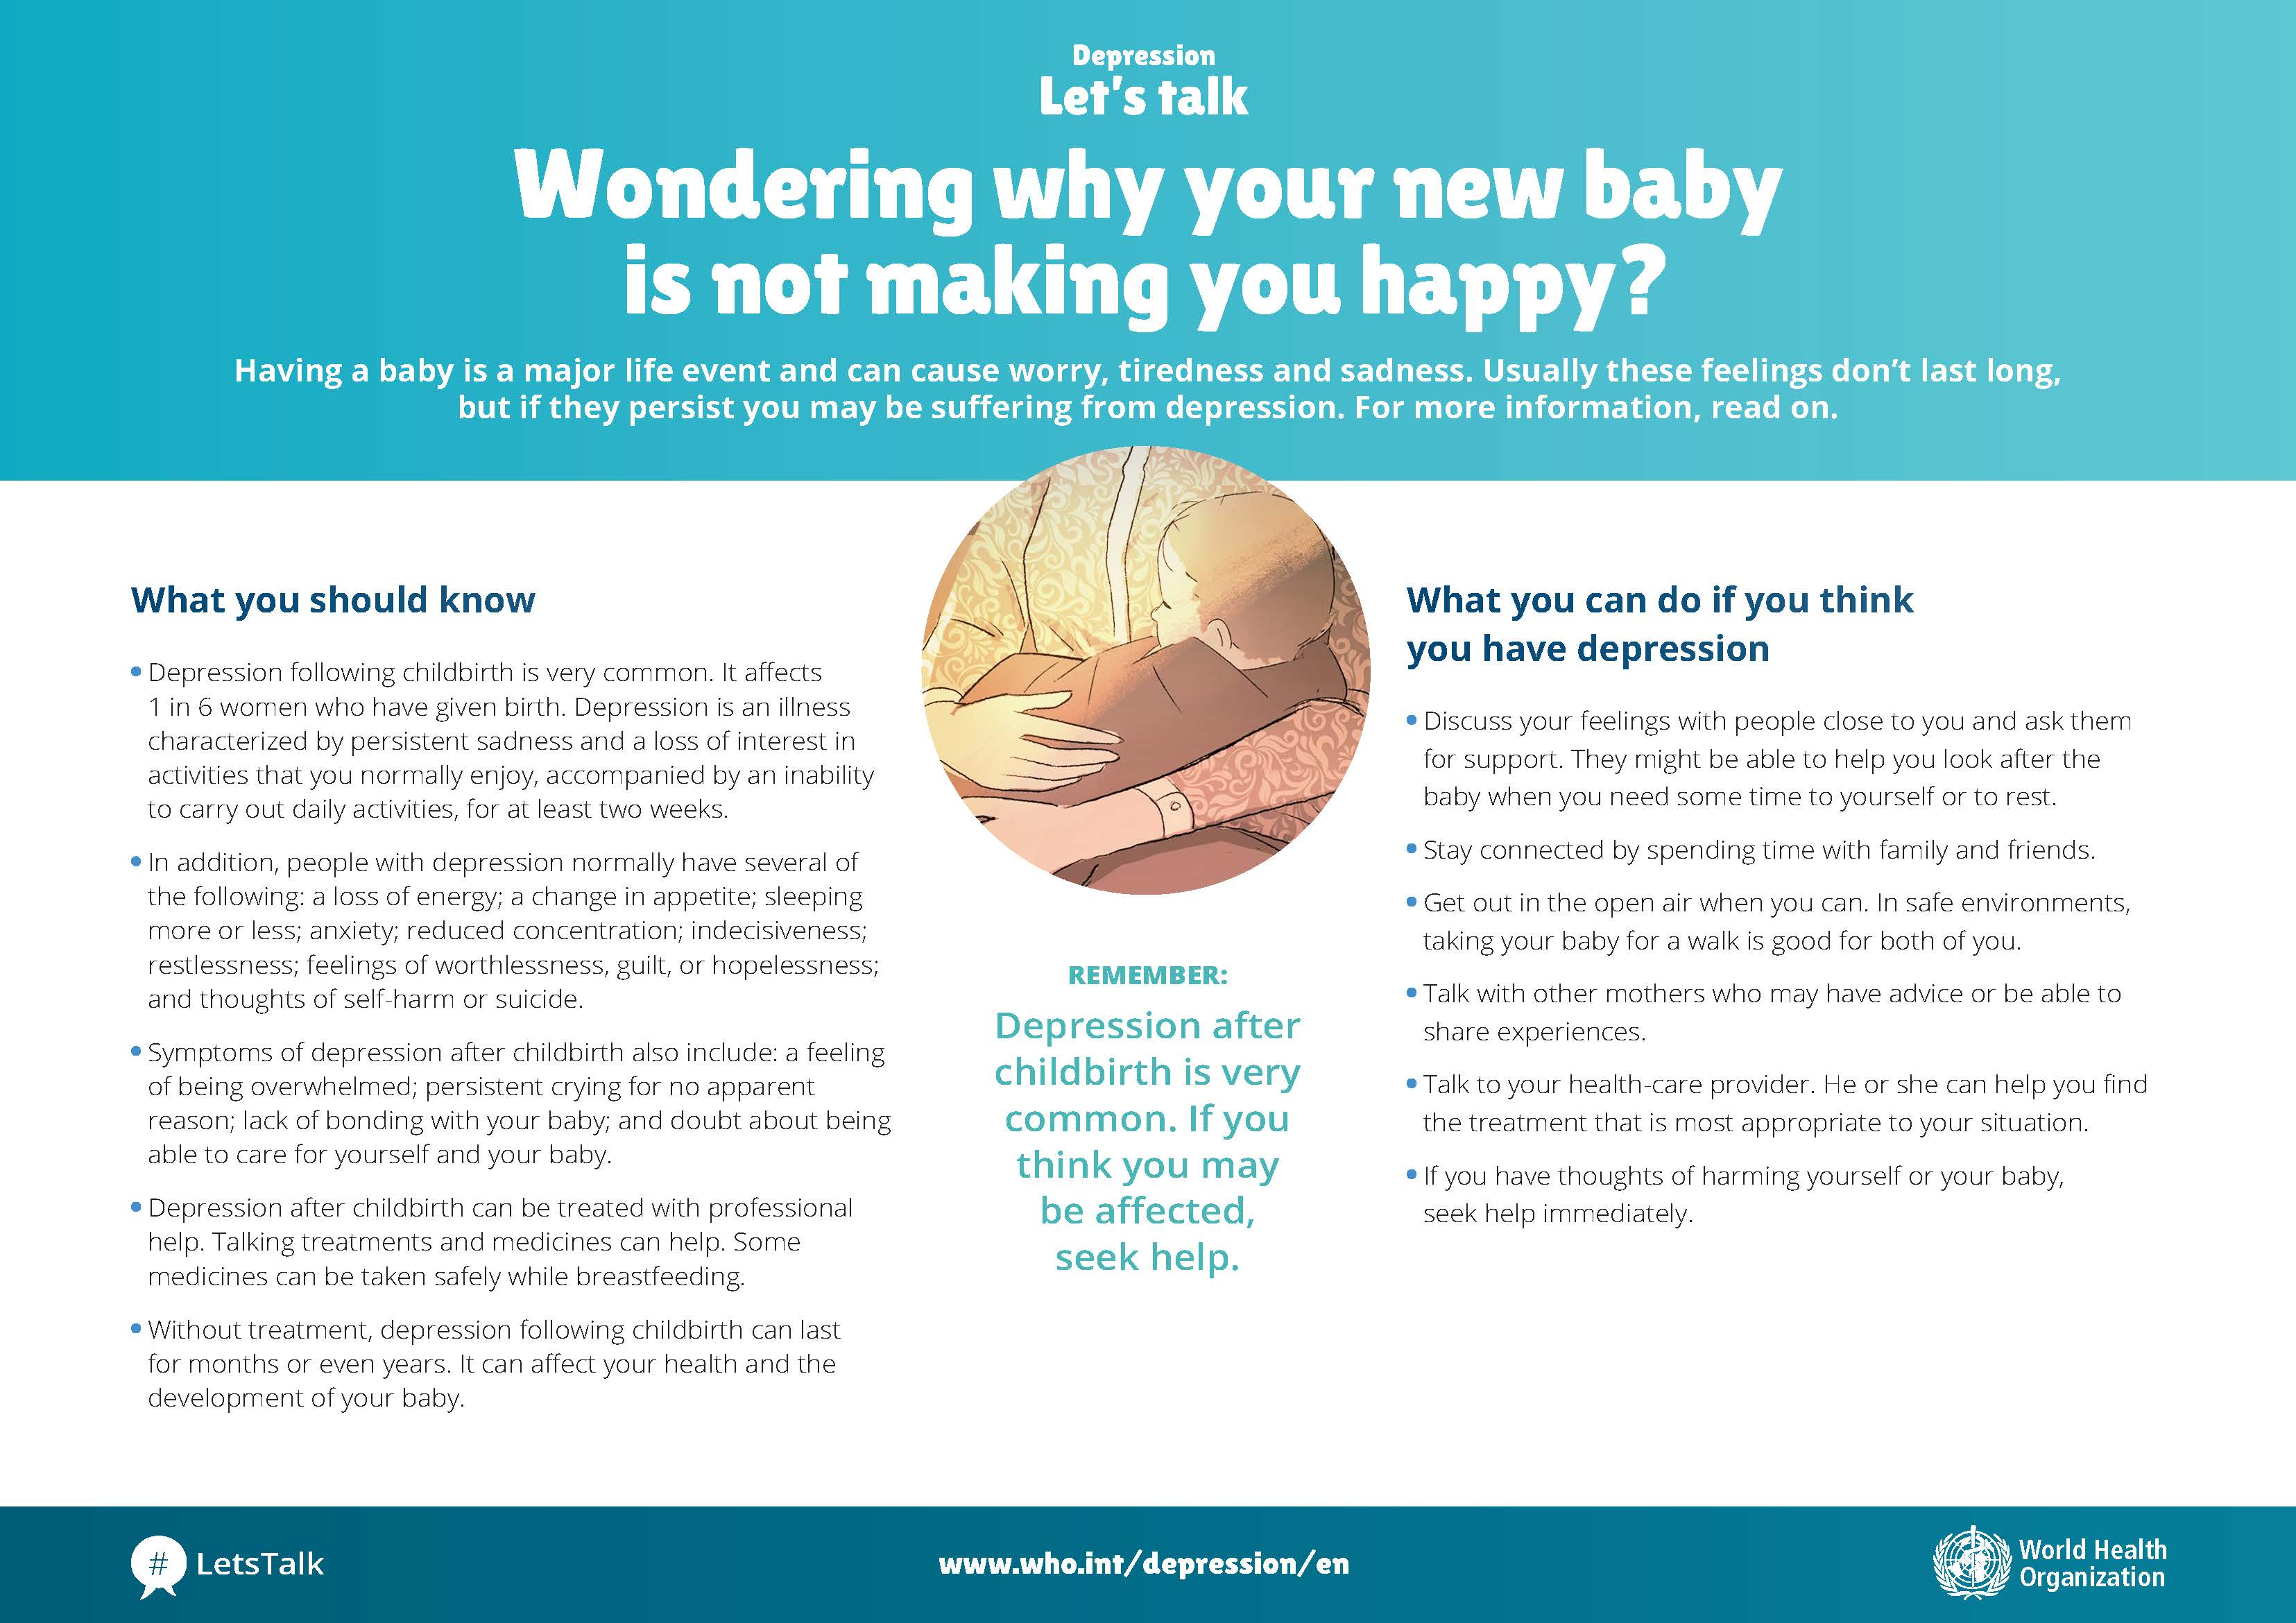 depressionafterchildbirth.jpg